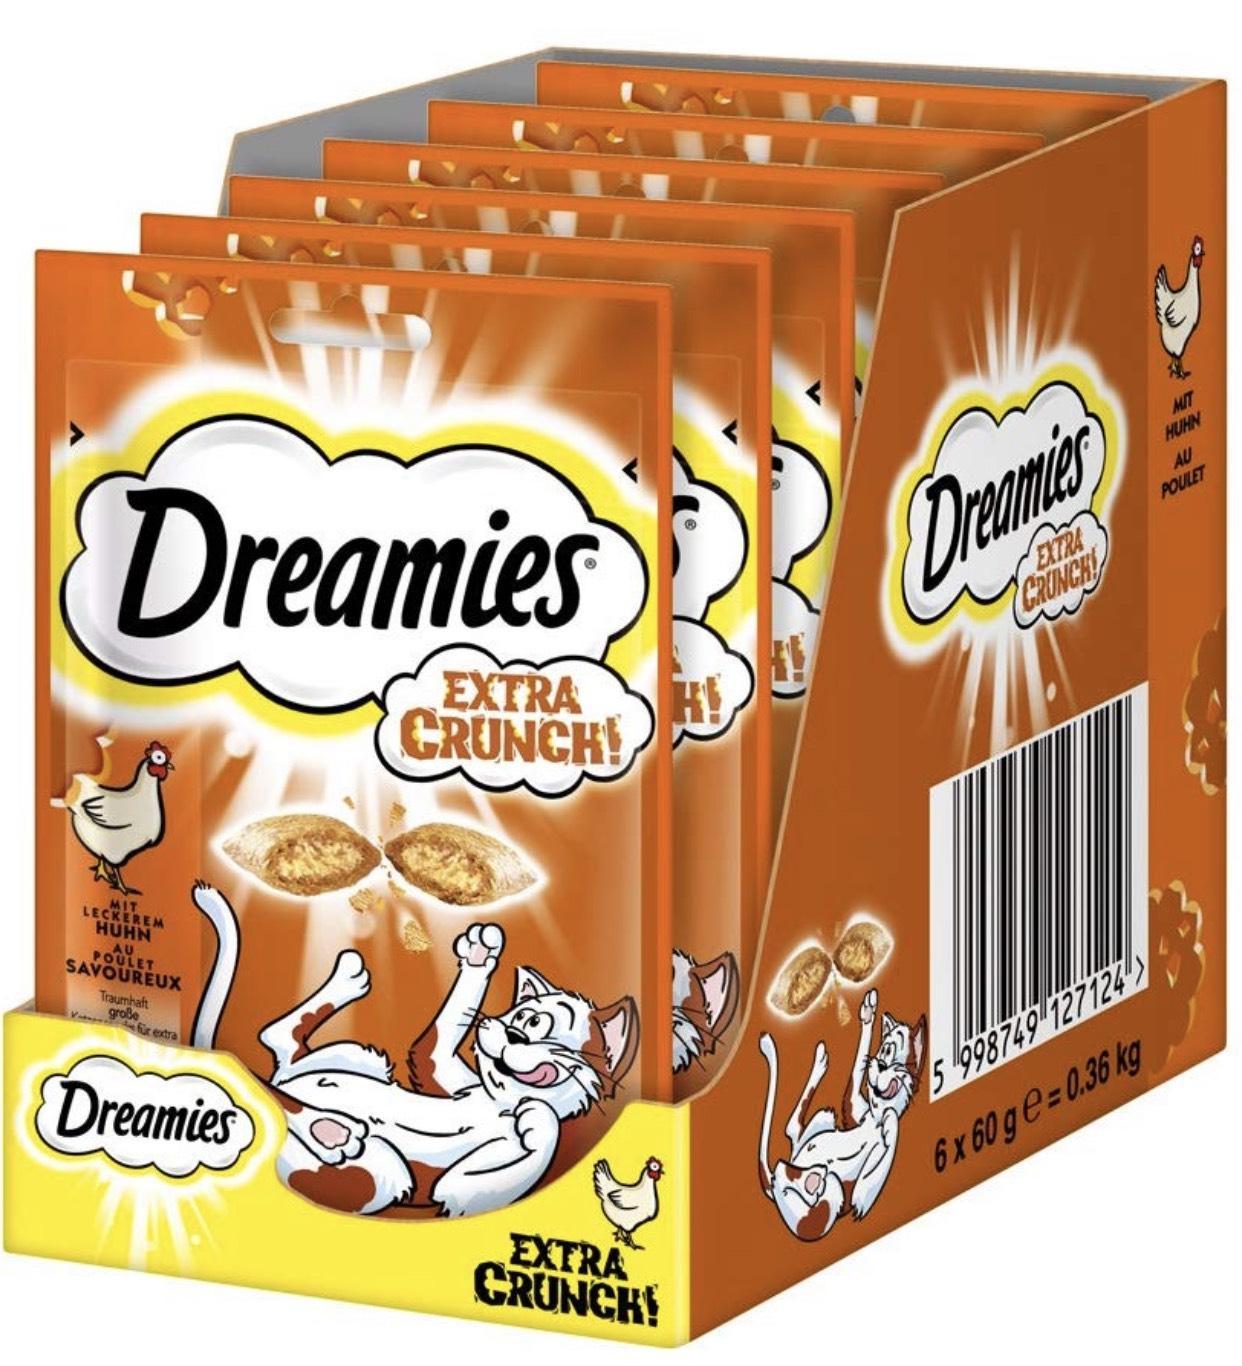 Dreamies Katzensnacks 6x60g verschiedene Sorten für 3,79€ im Spar-Abo